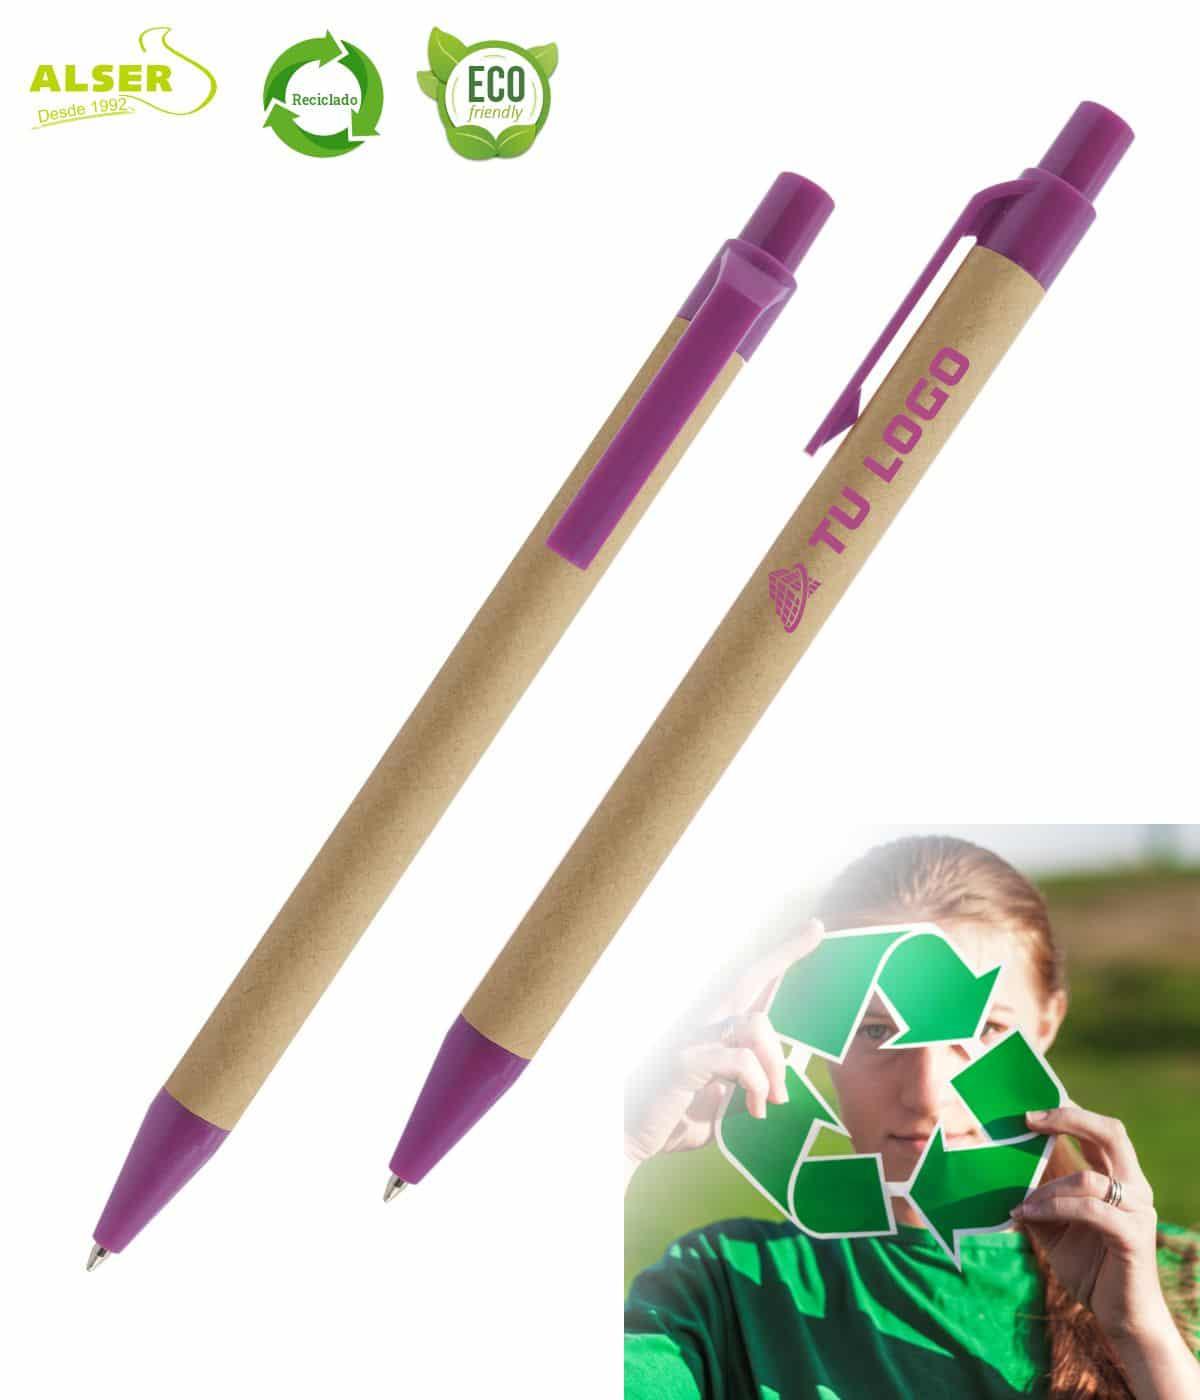 Bolígrafo de carton reciclado morado